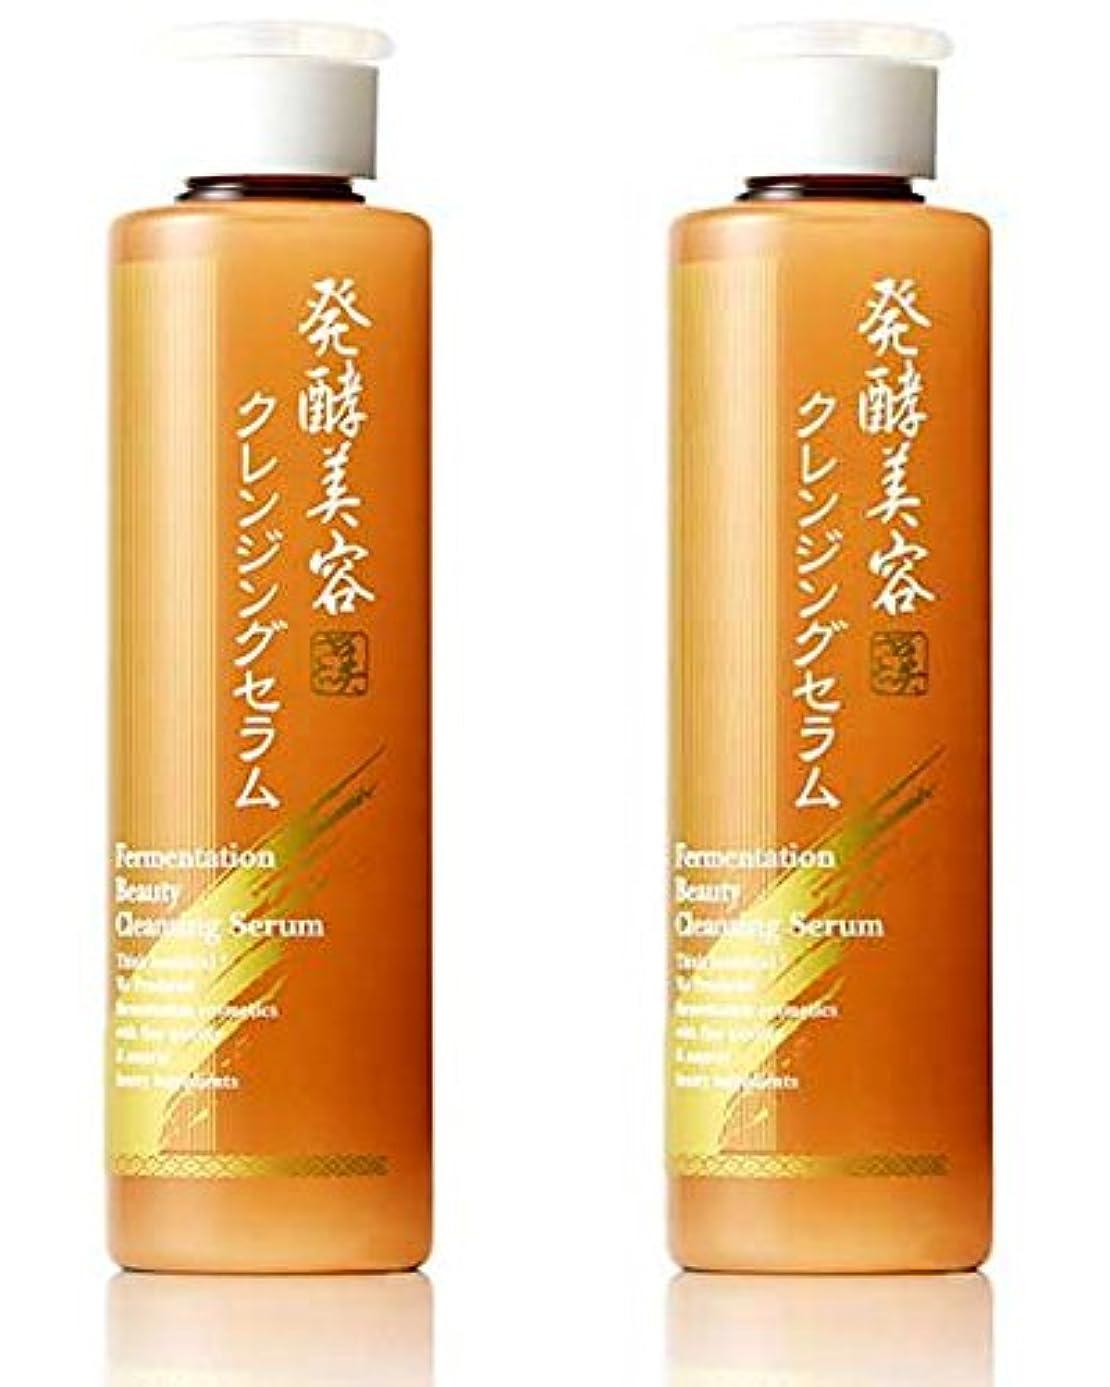 拮抗する税金飲料美さを 発酵美容クレンジングセラム 2個セット(クレンジングウォーター美容液)